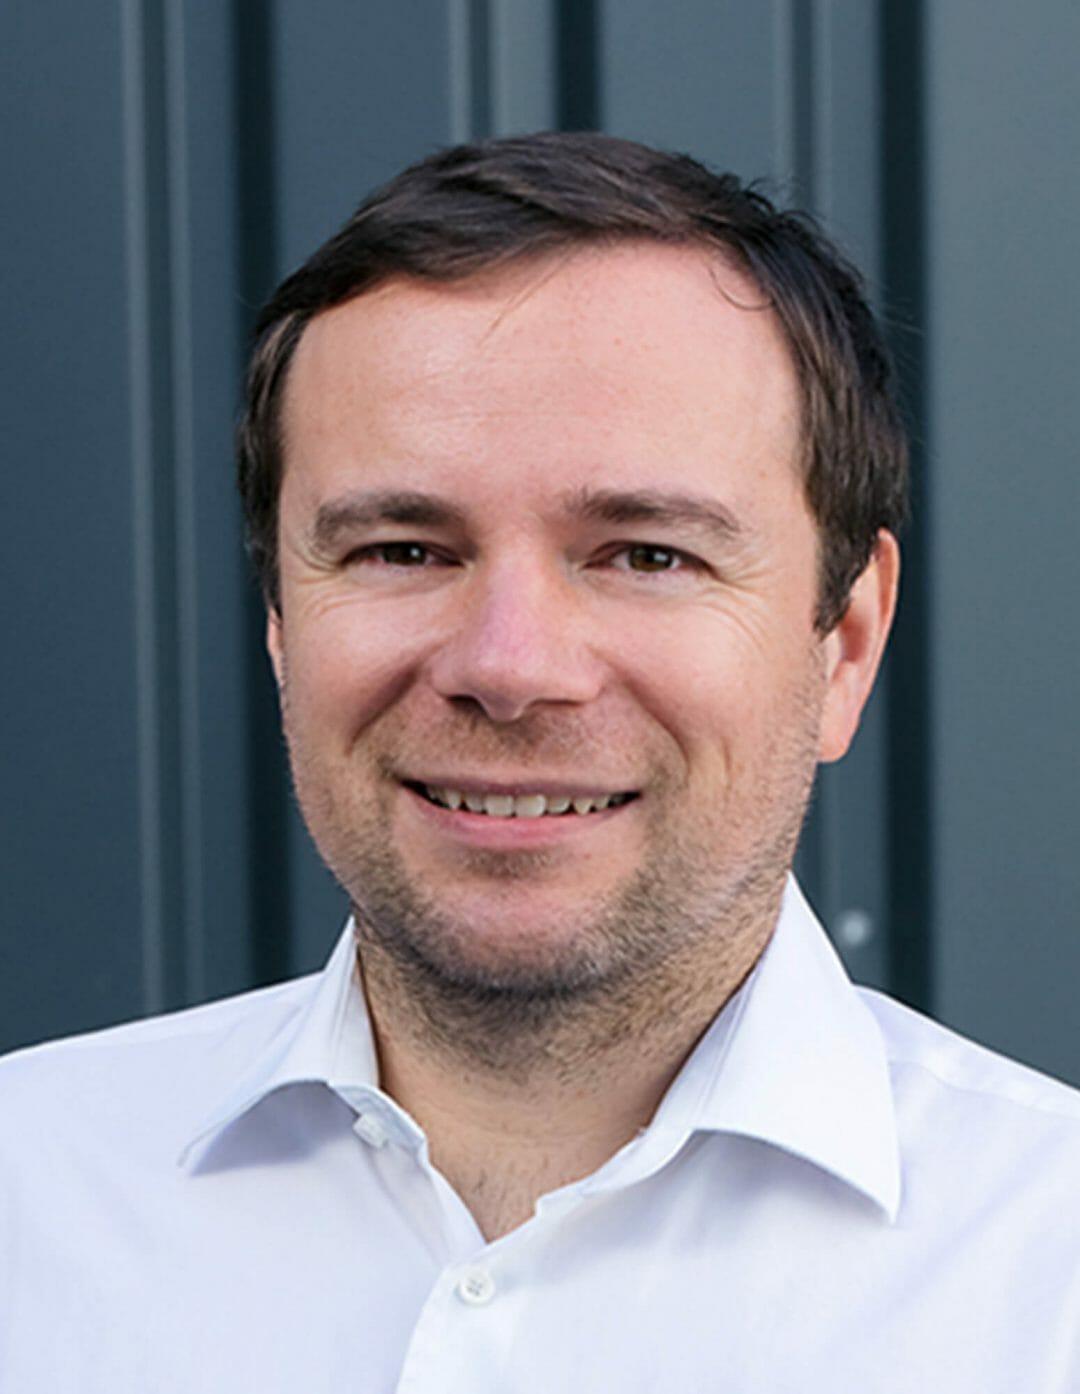 Dr. Steffen Zoller is Venture partner at Ananda Impact Ventures